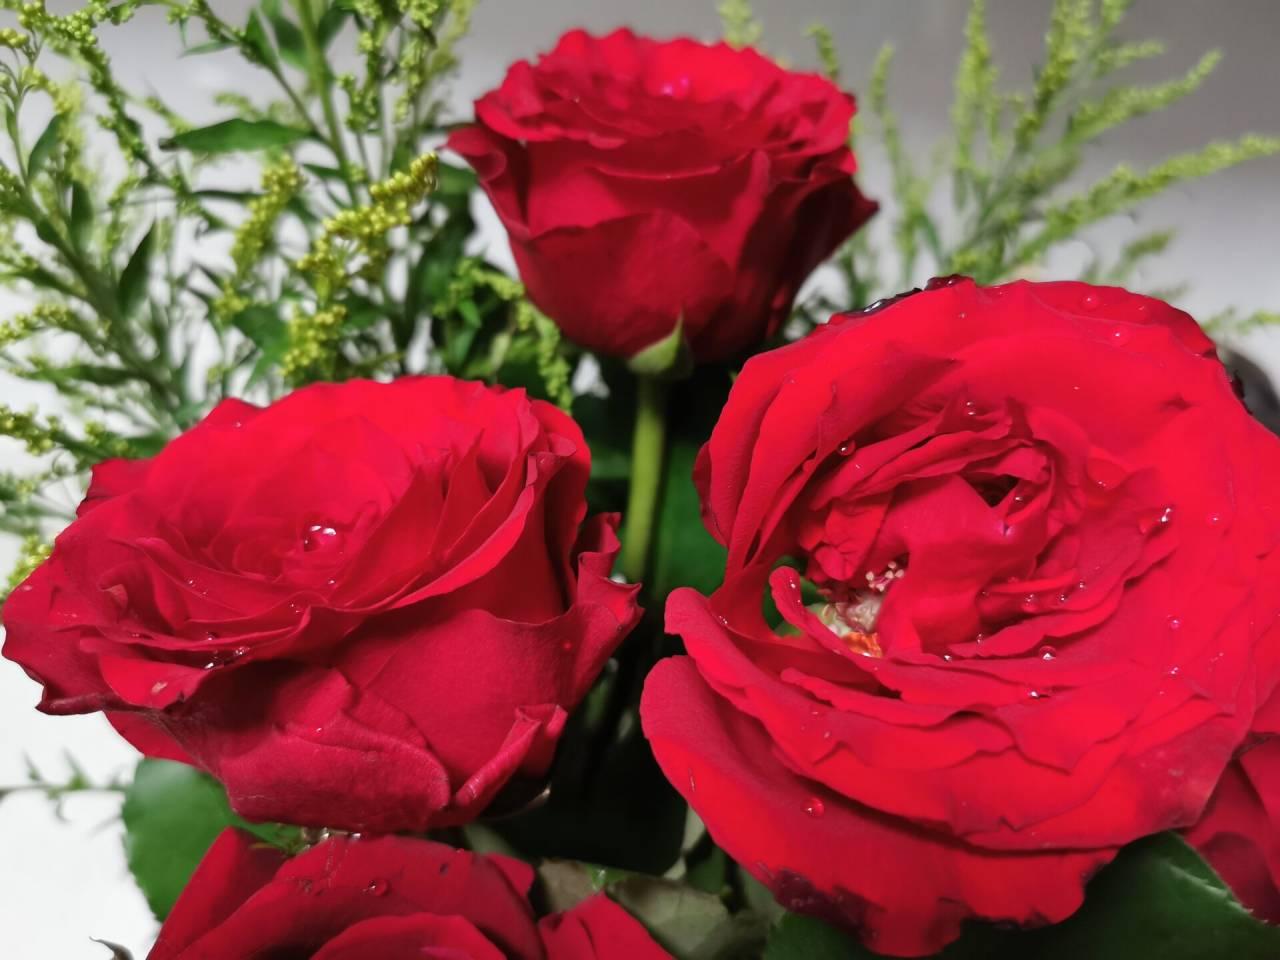 看花老眼之瓶中玫瑰4.jpg